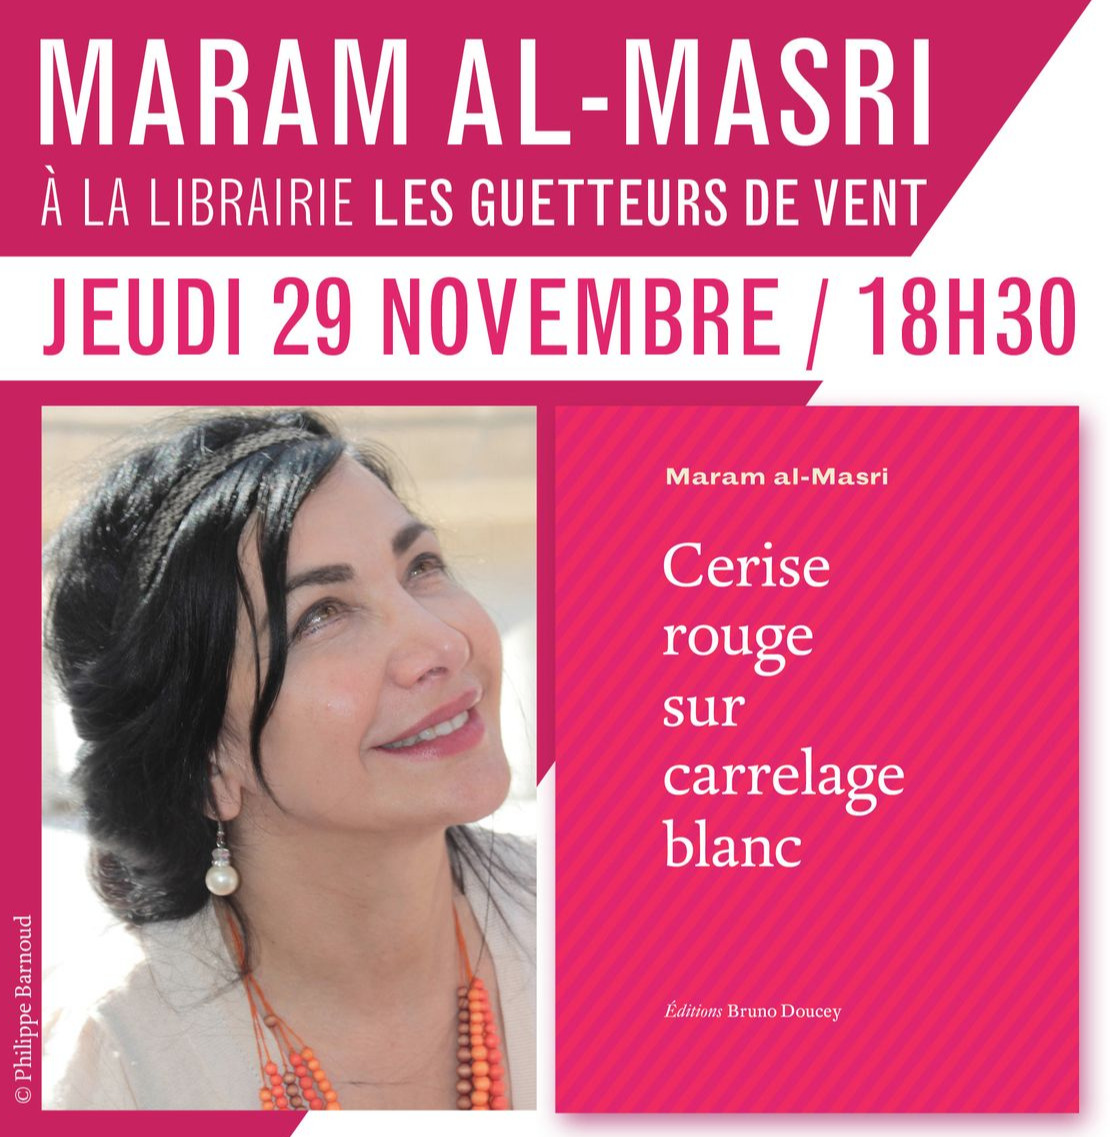 Maram al-Masri aux Guetteurs de vent